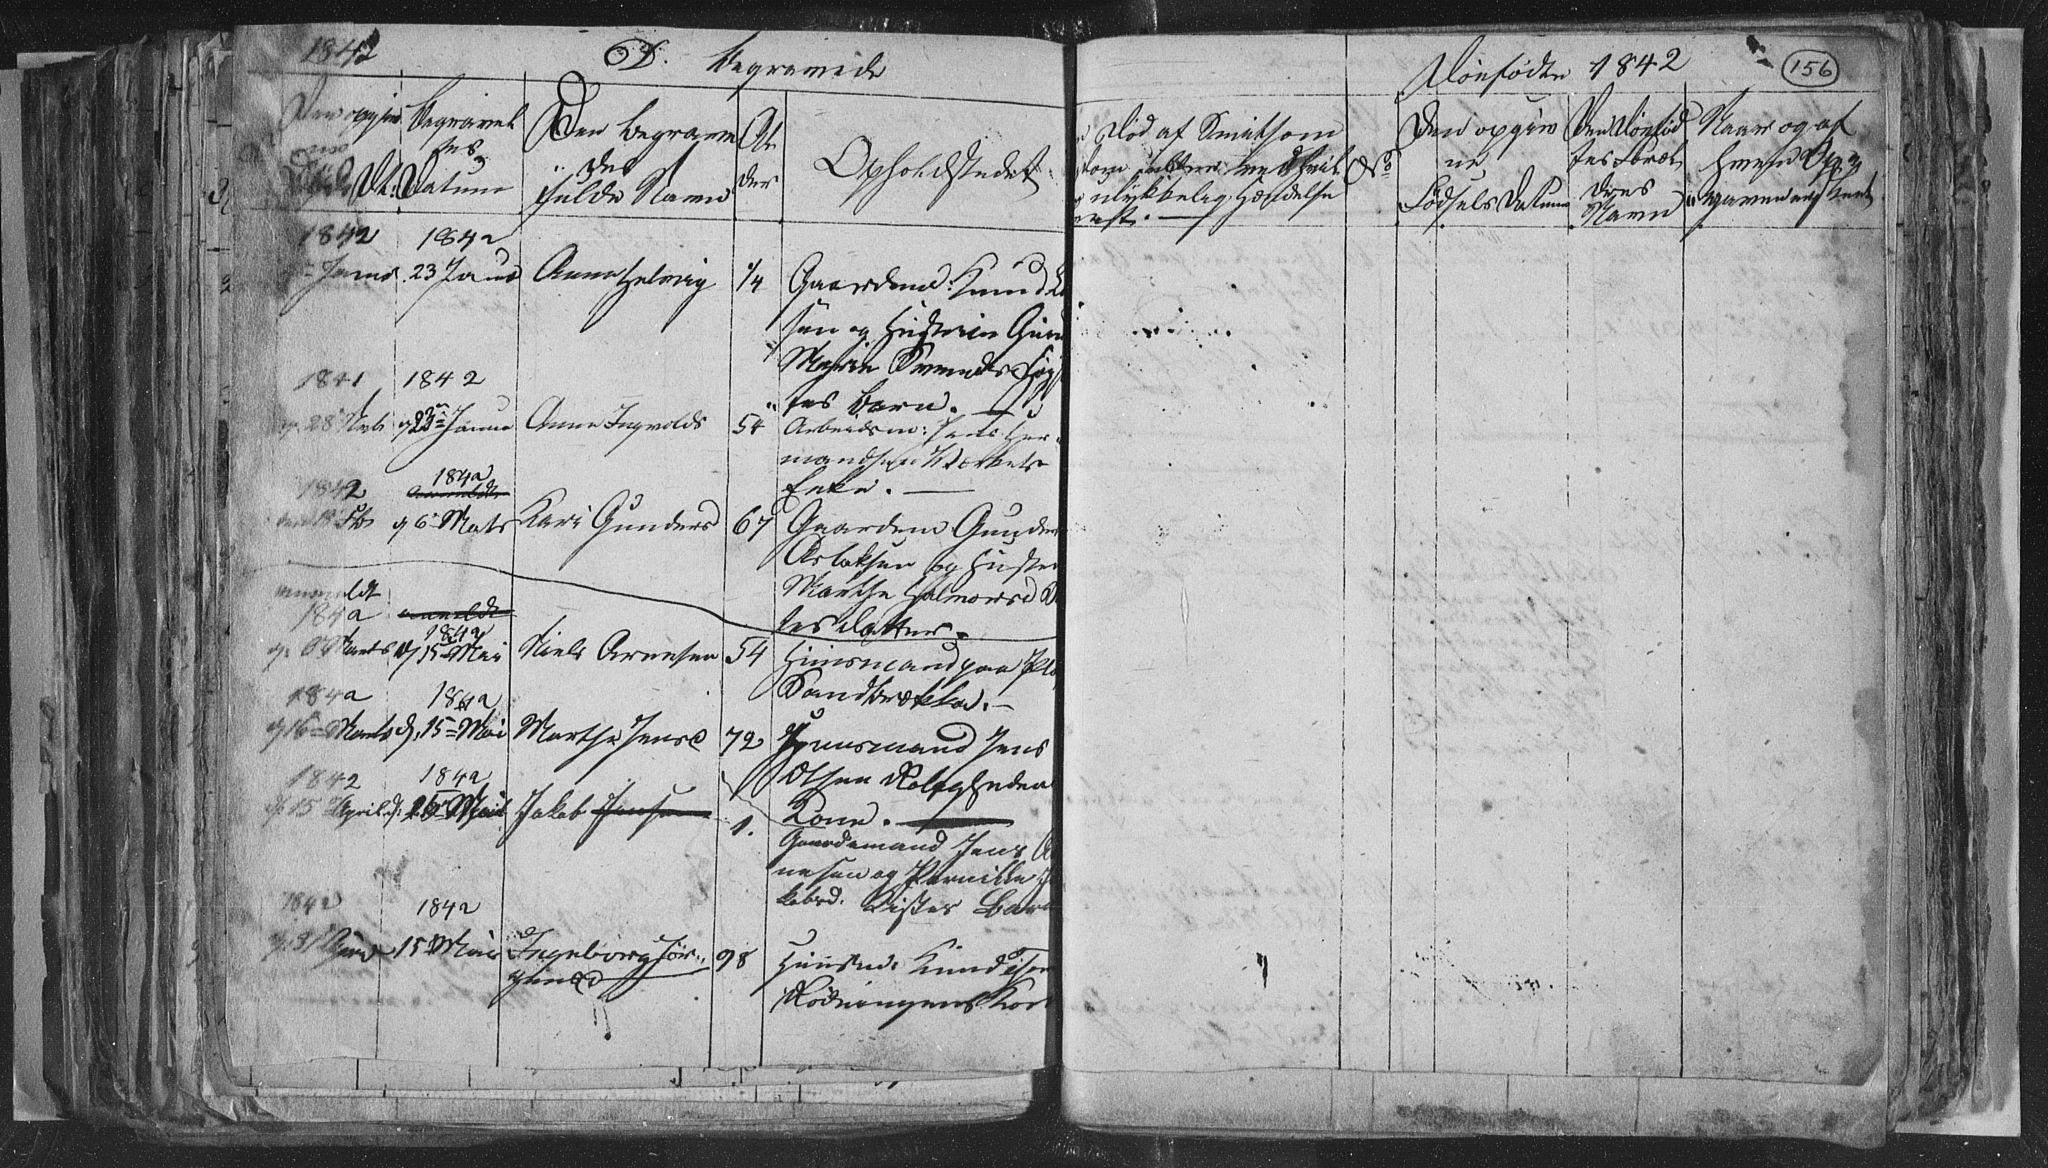 SAKO, Siljan kirkebøker, G/Ga/L0001: Klokkerbok nr. 1, 1827-1847, s. 156